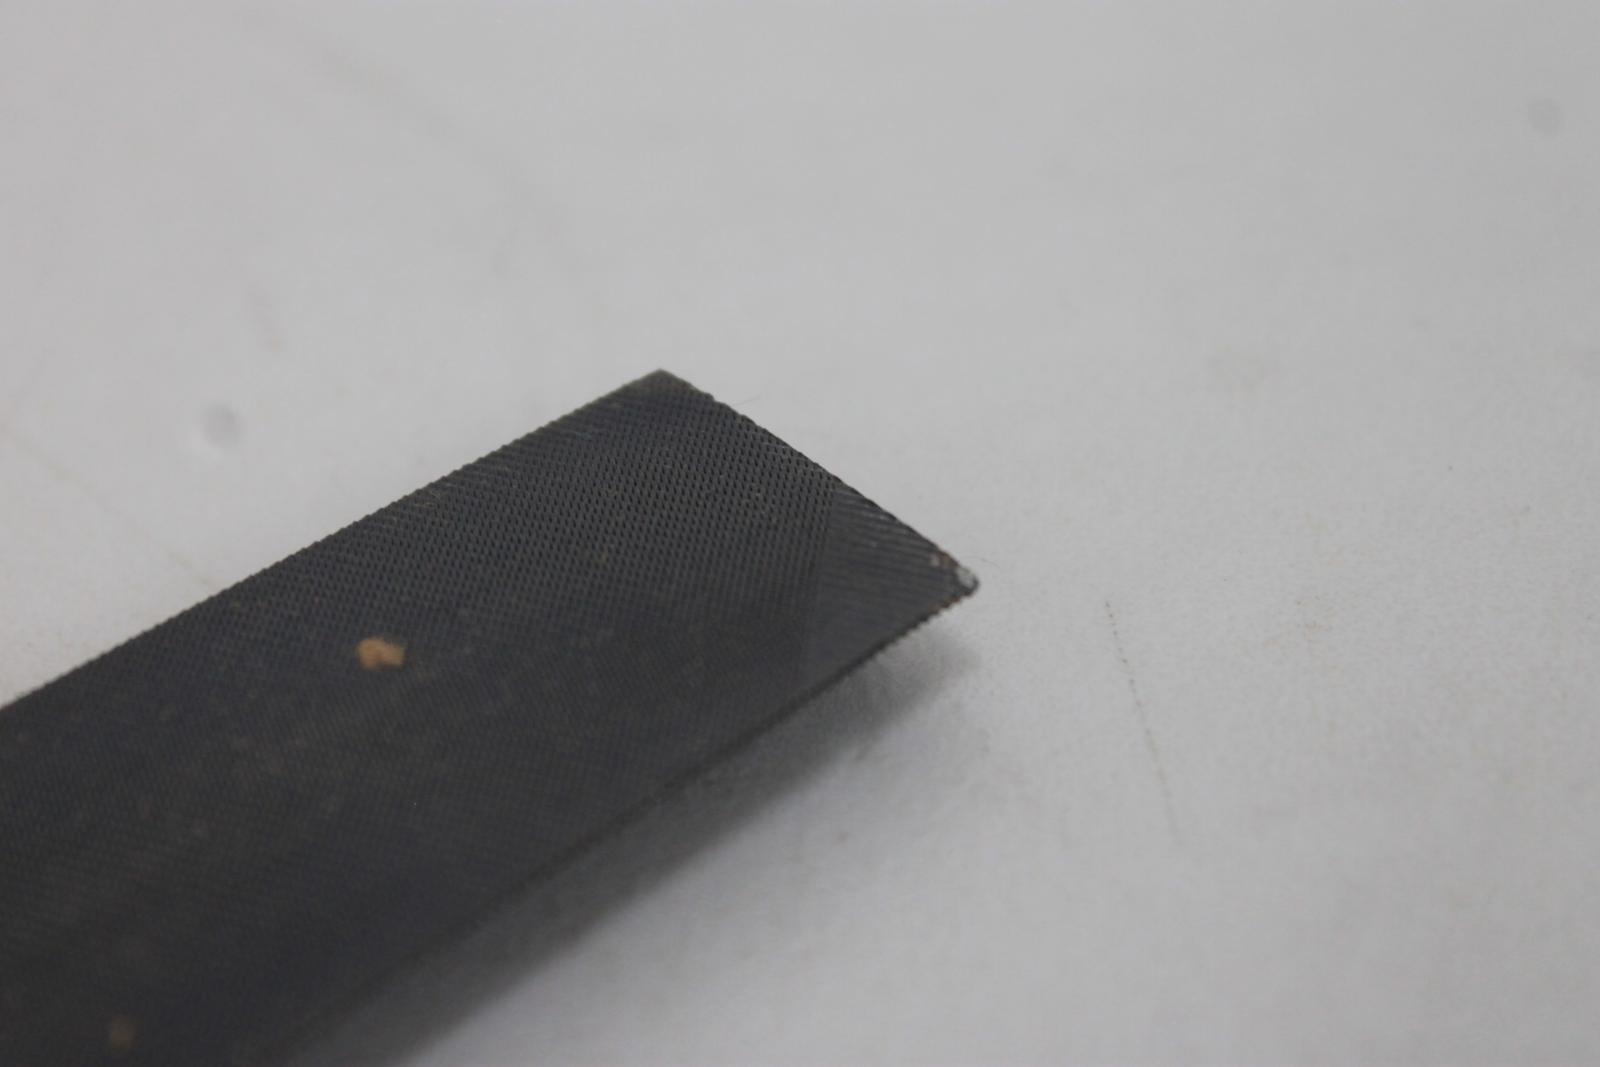 3-X-trabajo-de-madera-y-metal-Nicholson-Medio-Redondo-14-034-archivos-de-mano-corte-suave-30mm miniatura 6